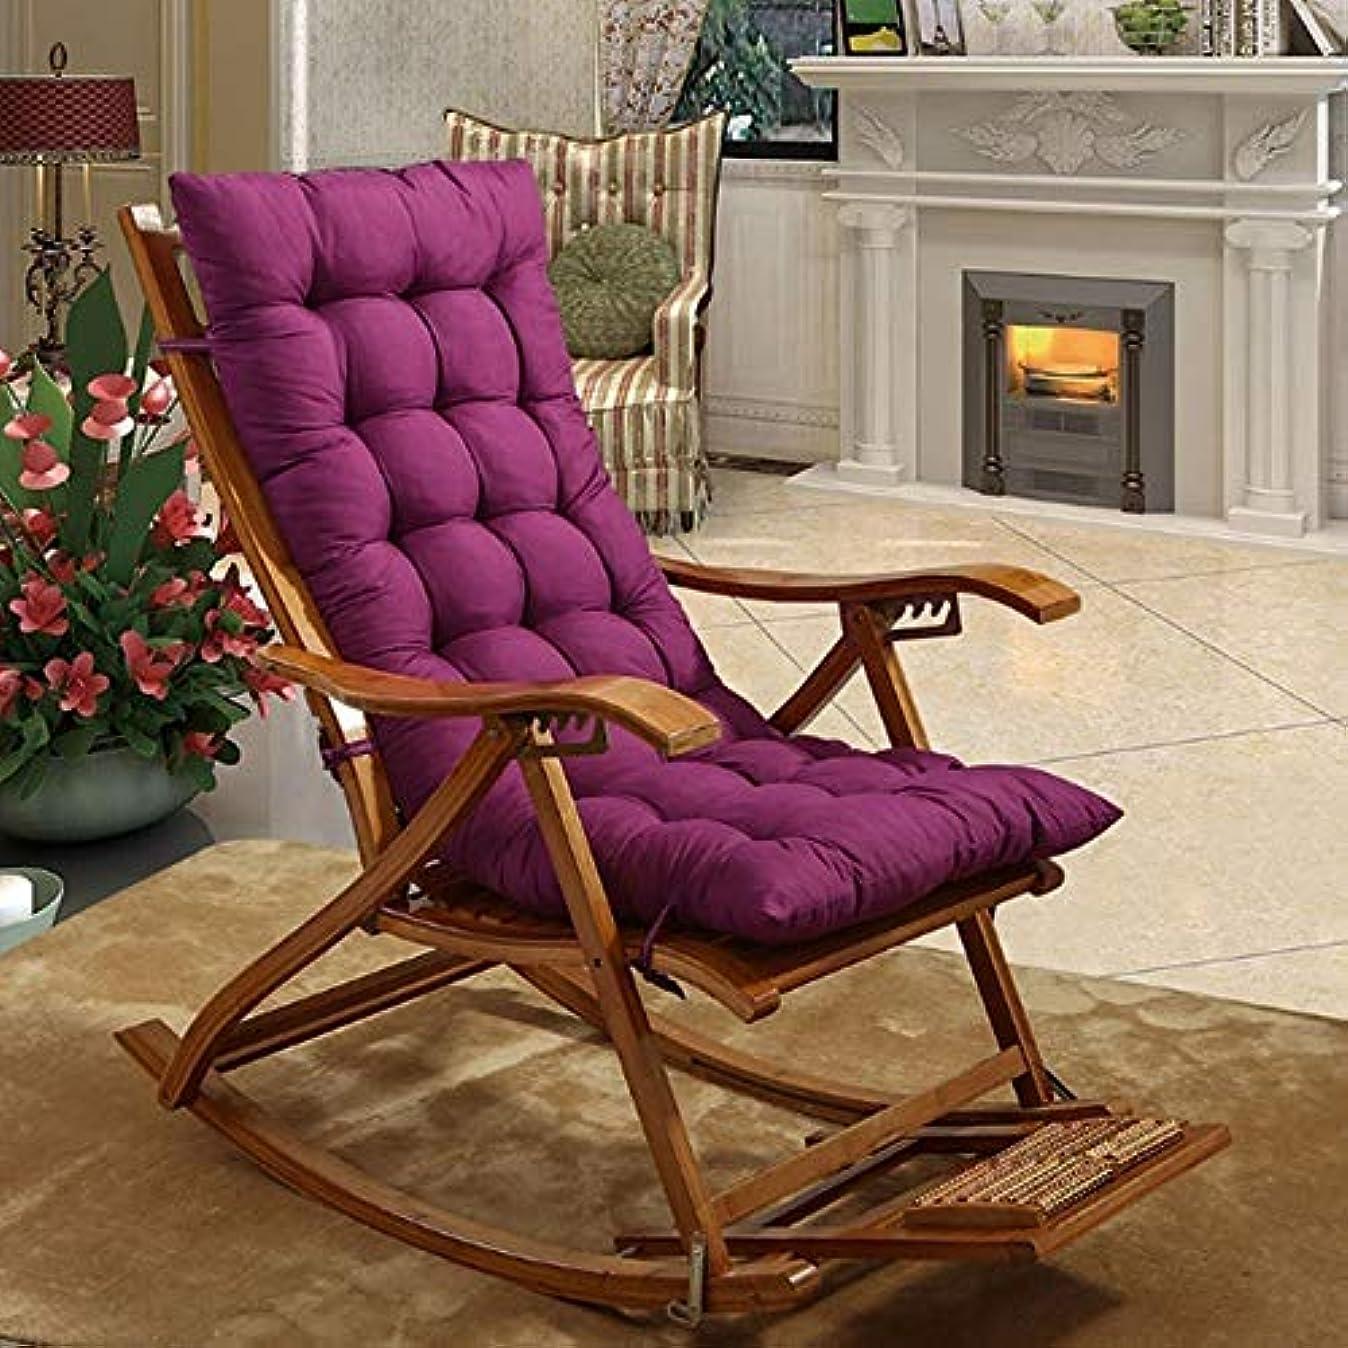 湿度幸福デイジーLIFE 48 × 120 センチメートルベンチソファクッション装飾高品質ポリエステル繊維ジャー椅子のクッション暖かい快適な畳マットパッド クッション 椅子